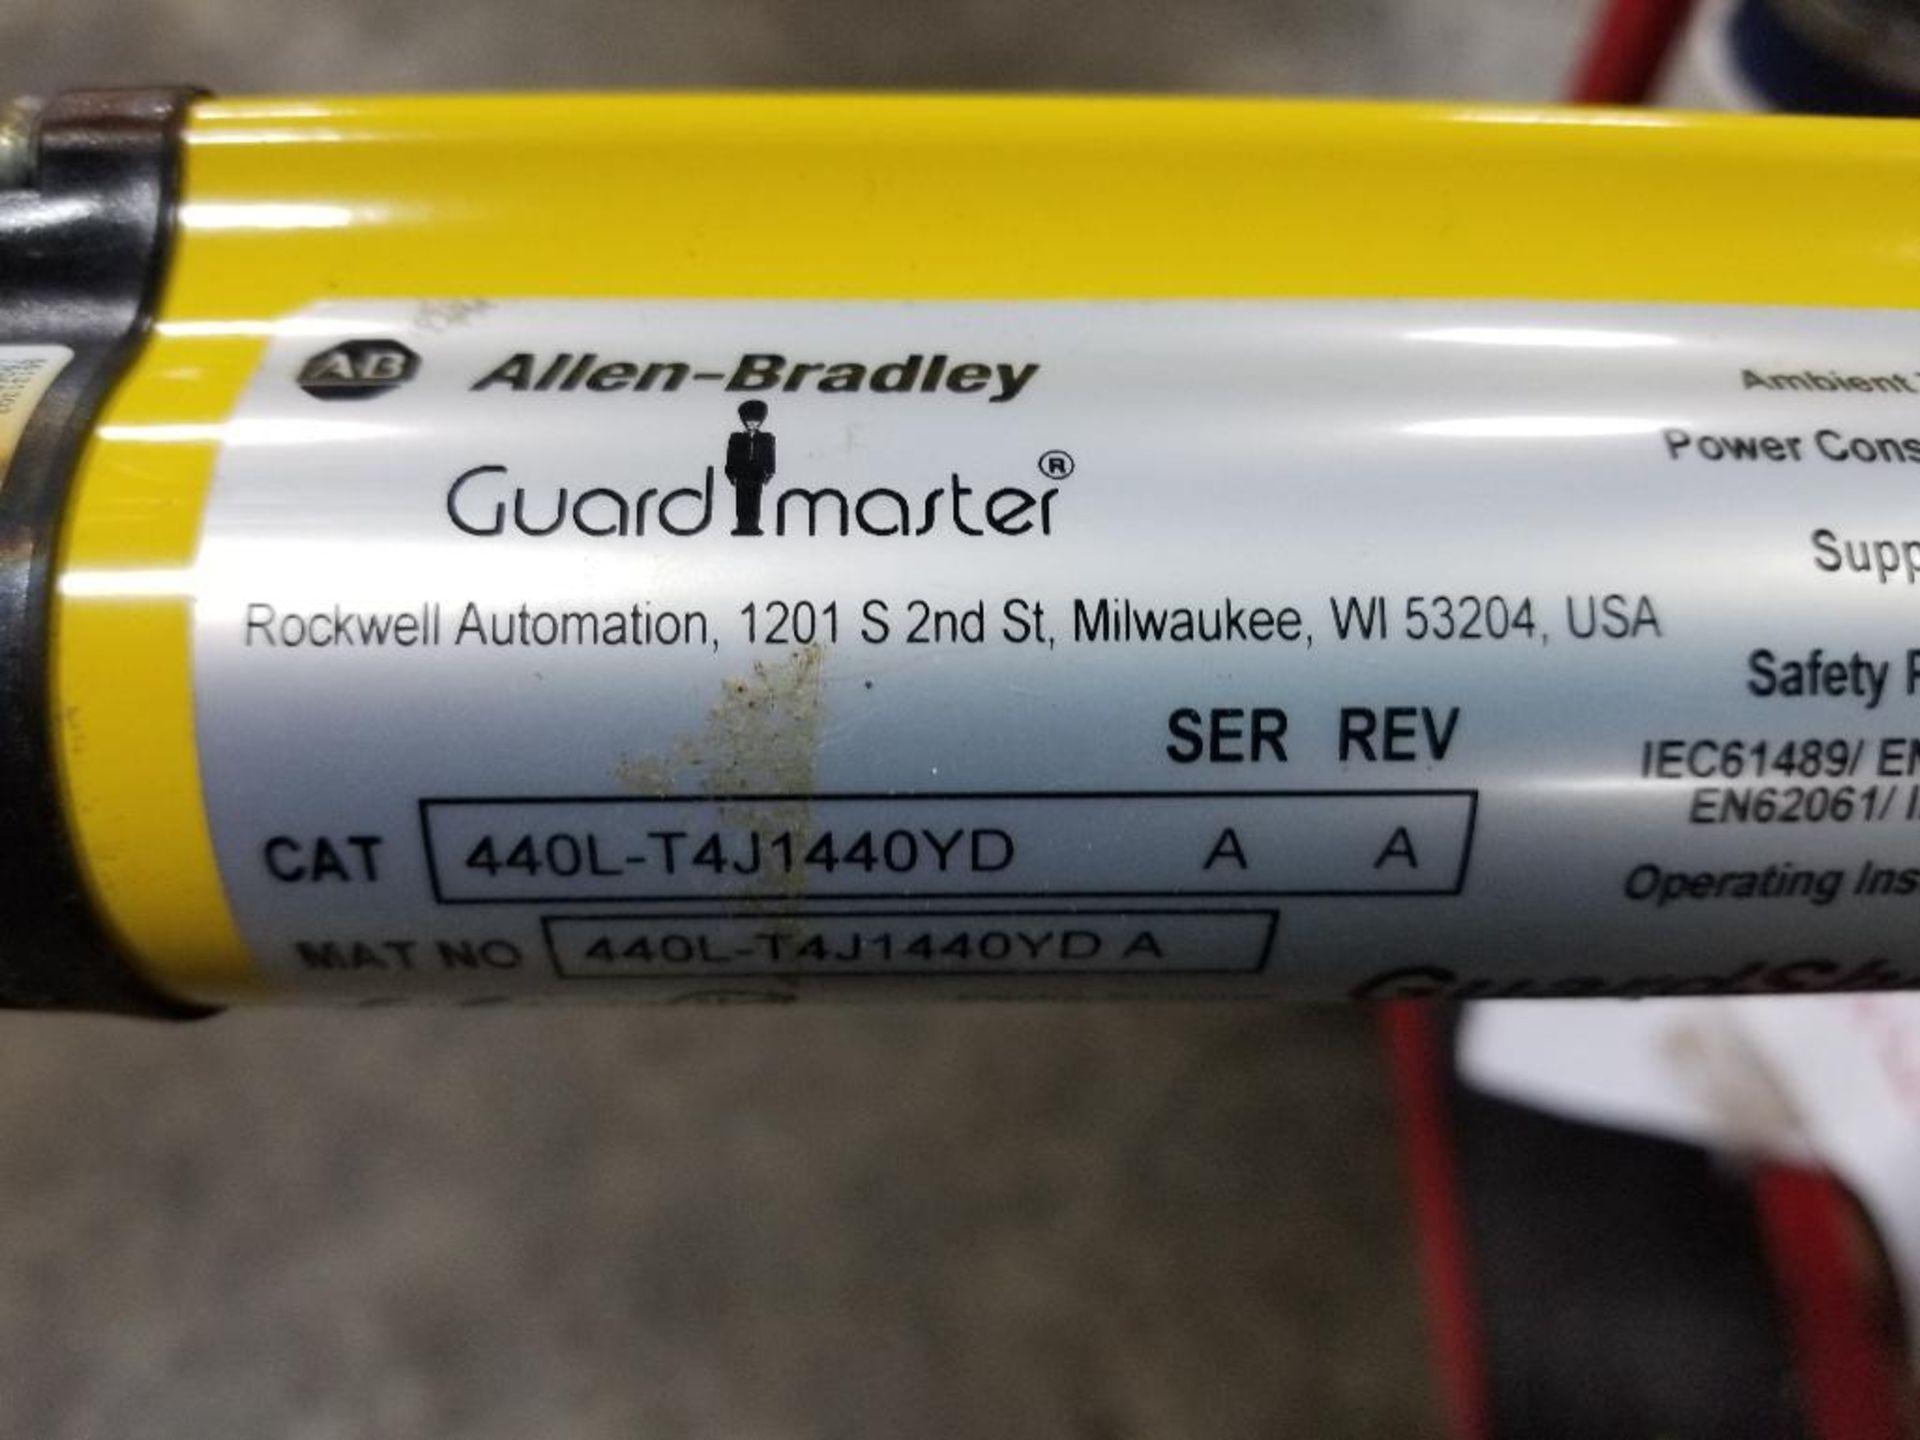 Allen Bradley Light curtain transmitter / receiver set. GuardMaster GuardShield T4J440YD 4K0AM1EF. - Image 13 of 23